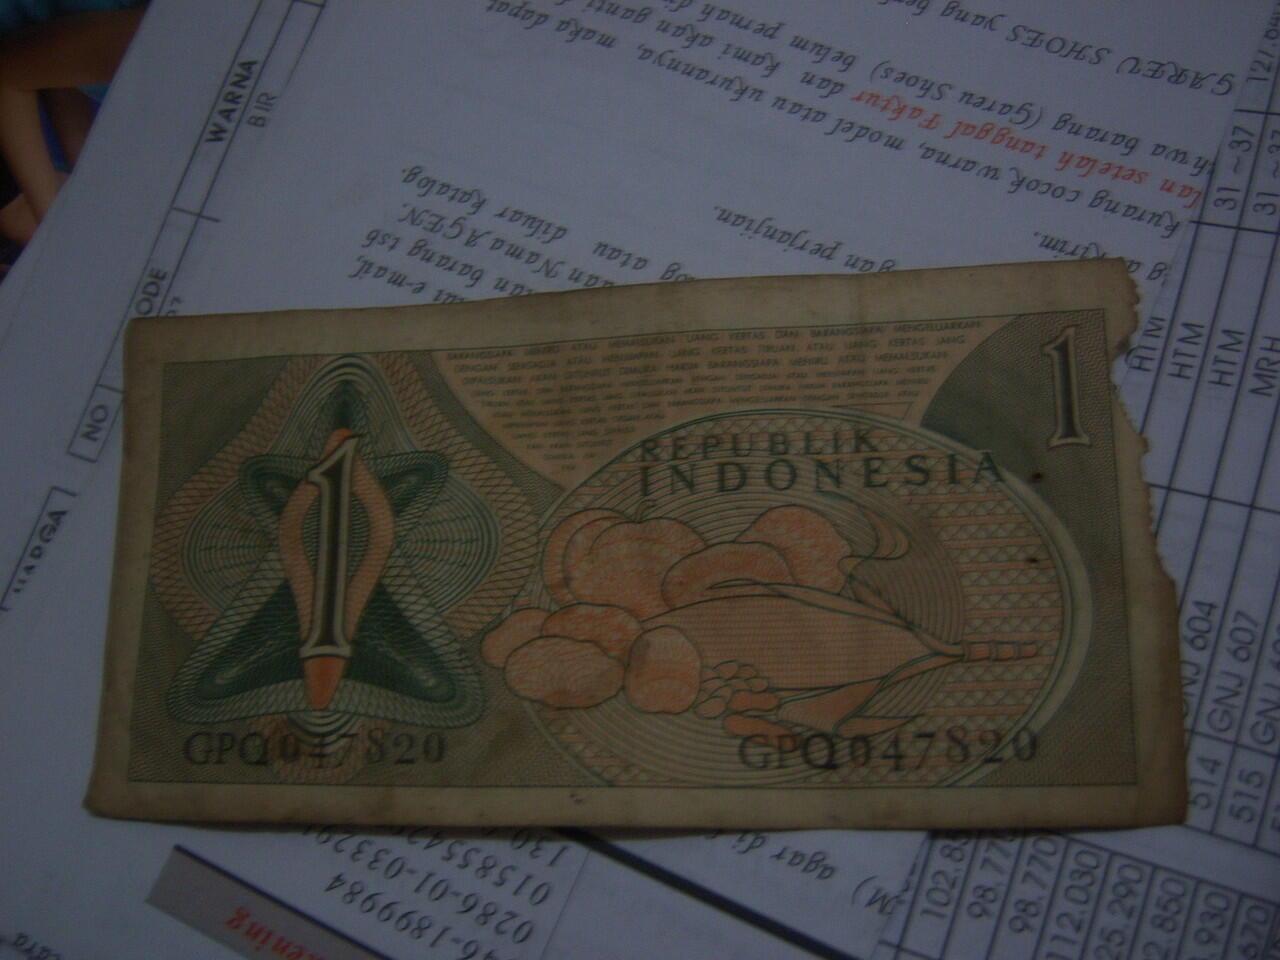 Beberapa Uang koin lama, ada koin singapore juga, prefer diborong aja [Bandung]